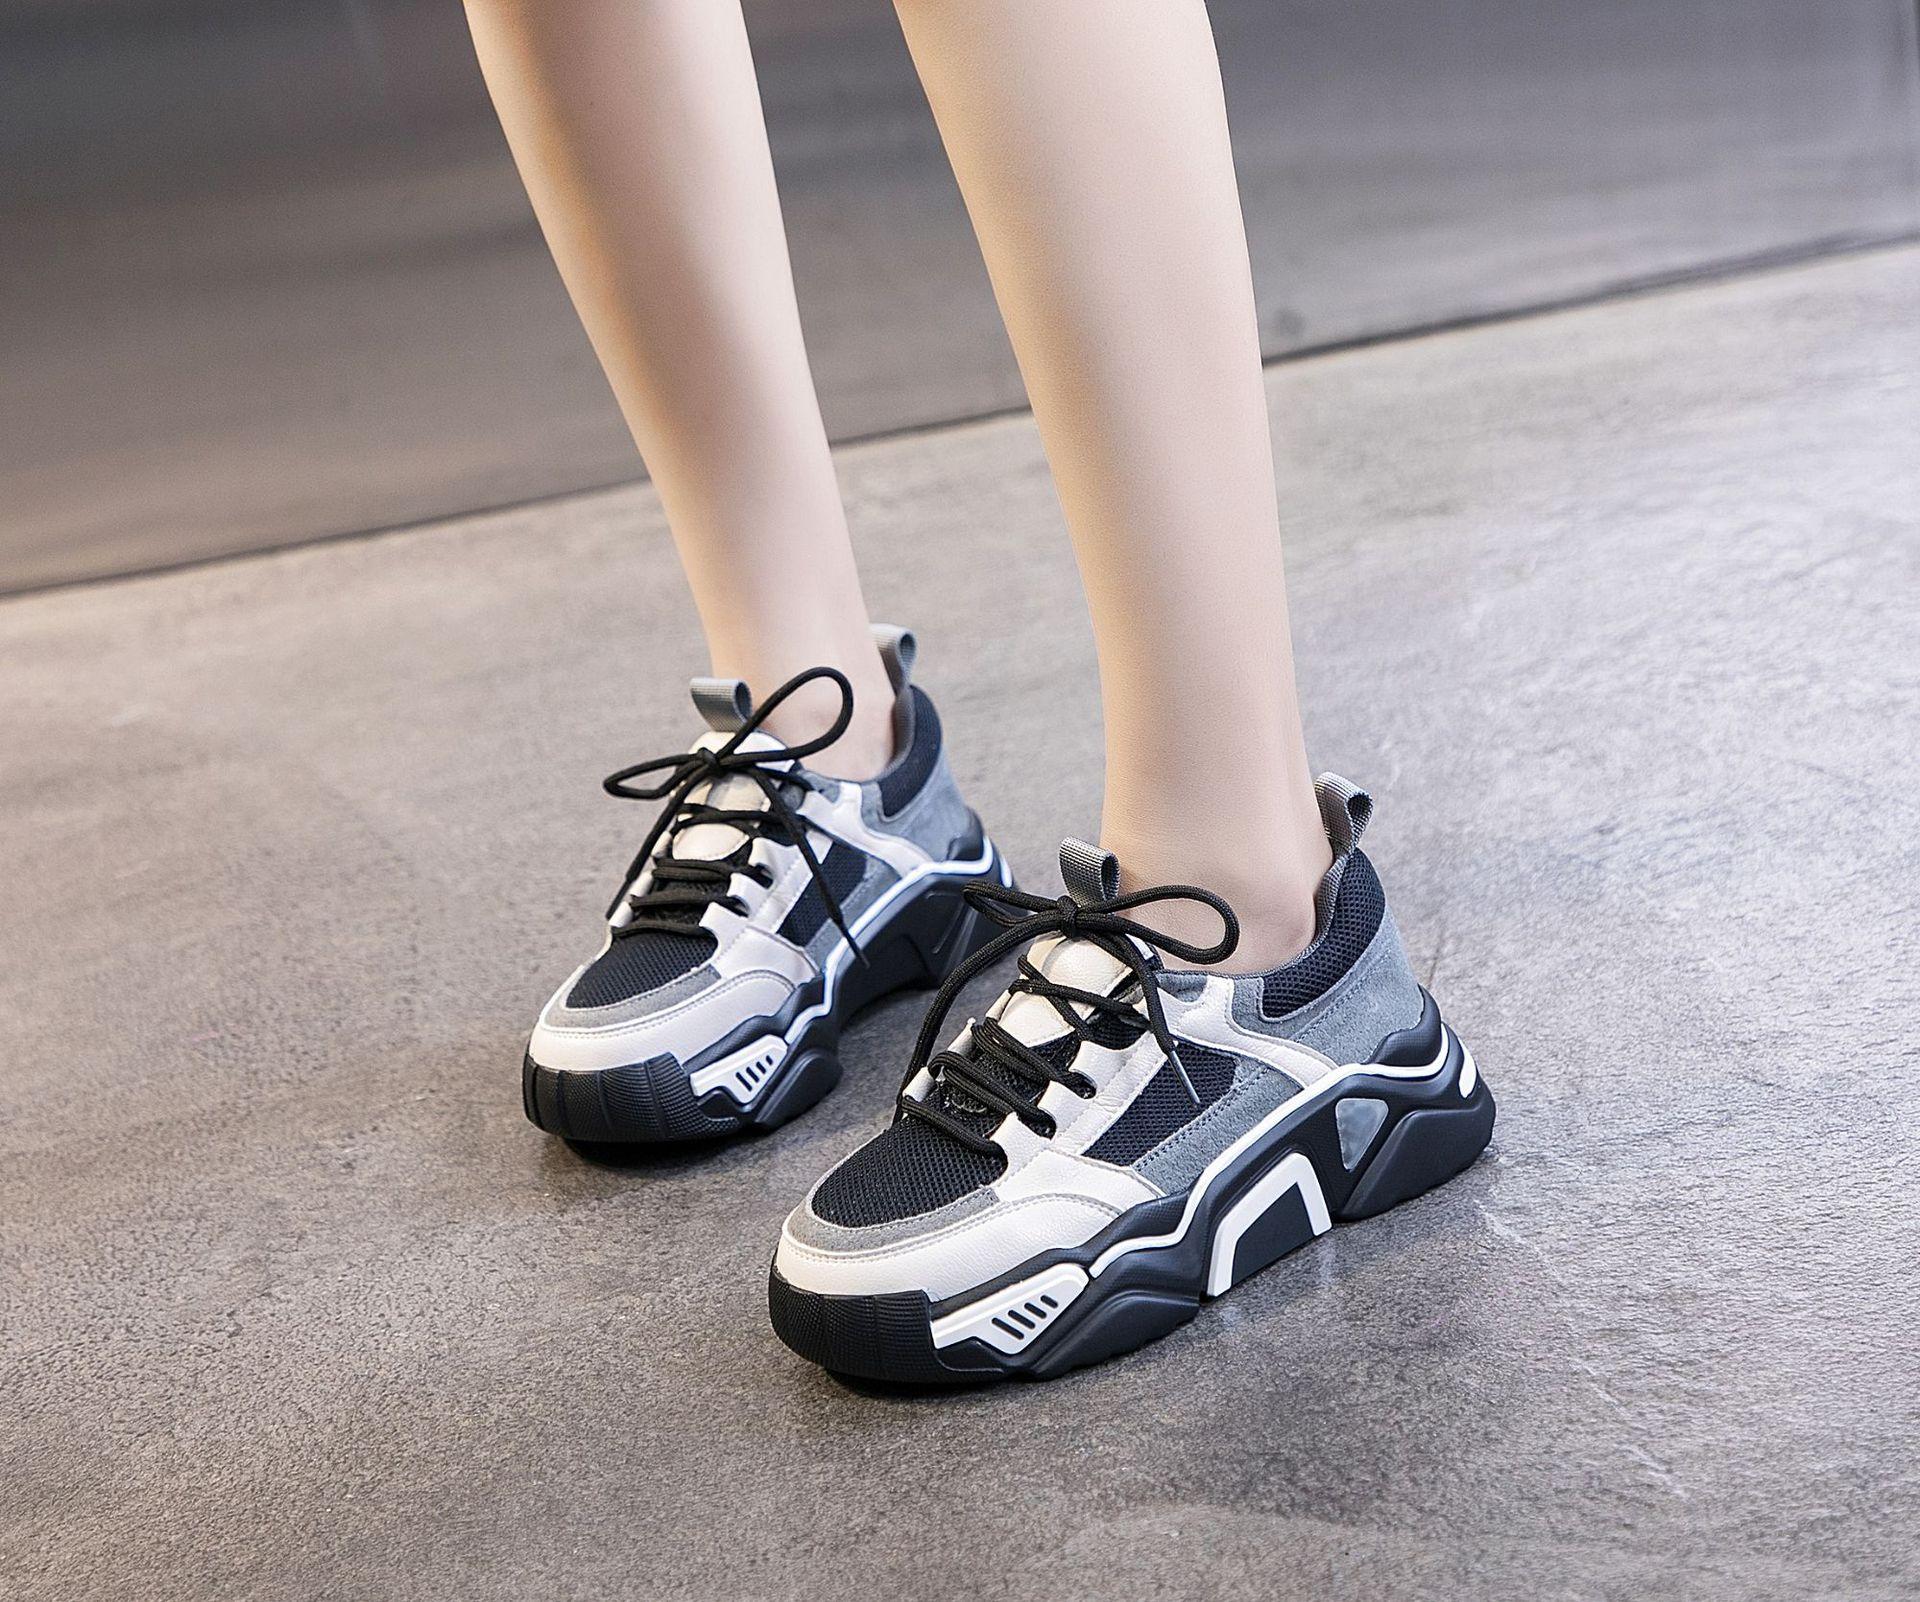 Giày bánh mì Cỡ nhỏ 31 32 33 34 size dày đế mùa xuân và mùa thu bánh xốp thông thường Giày tròn đầu